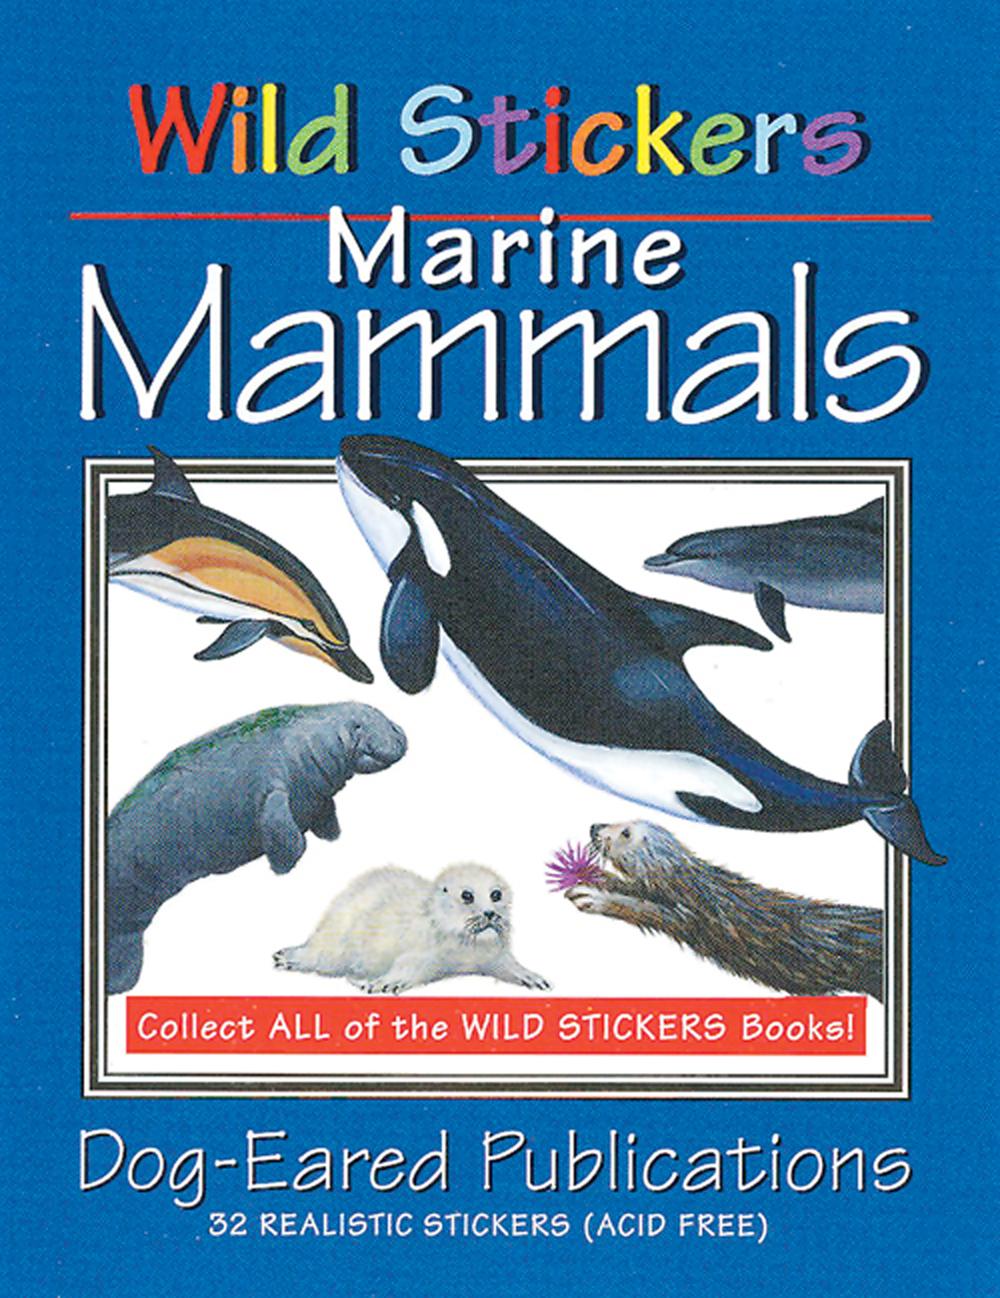 Marine Mammals (Wild Stickers Series)